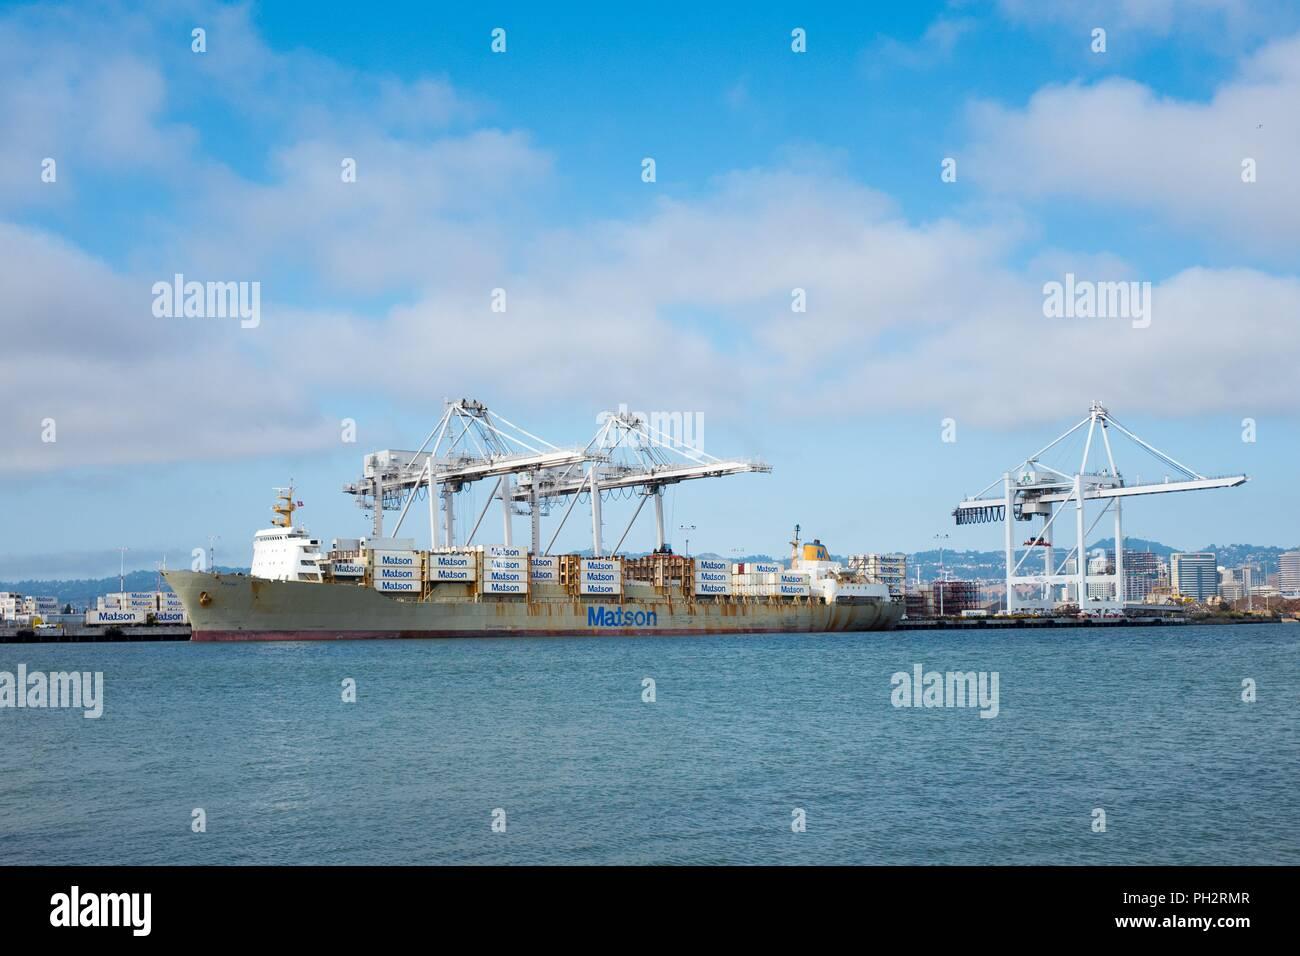 Intermodal Freight Container Stock Photos & Intermodal